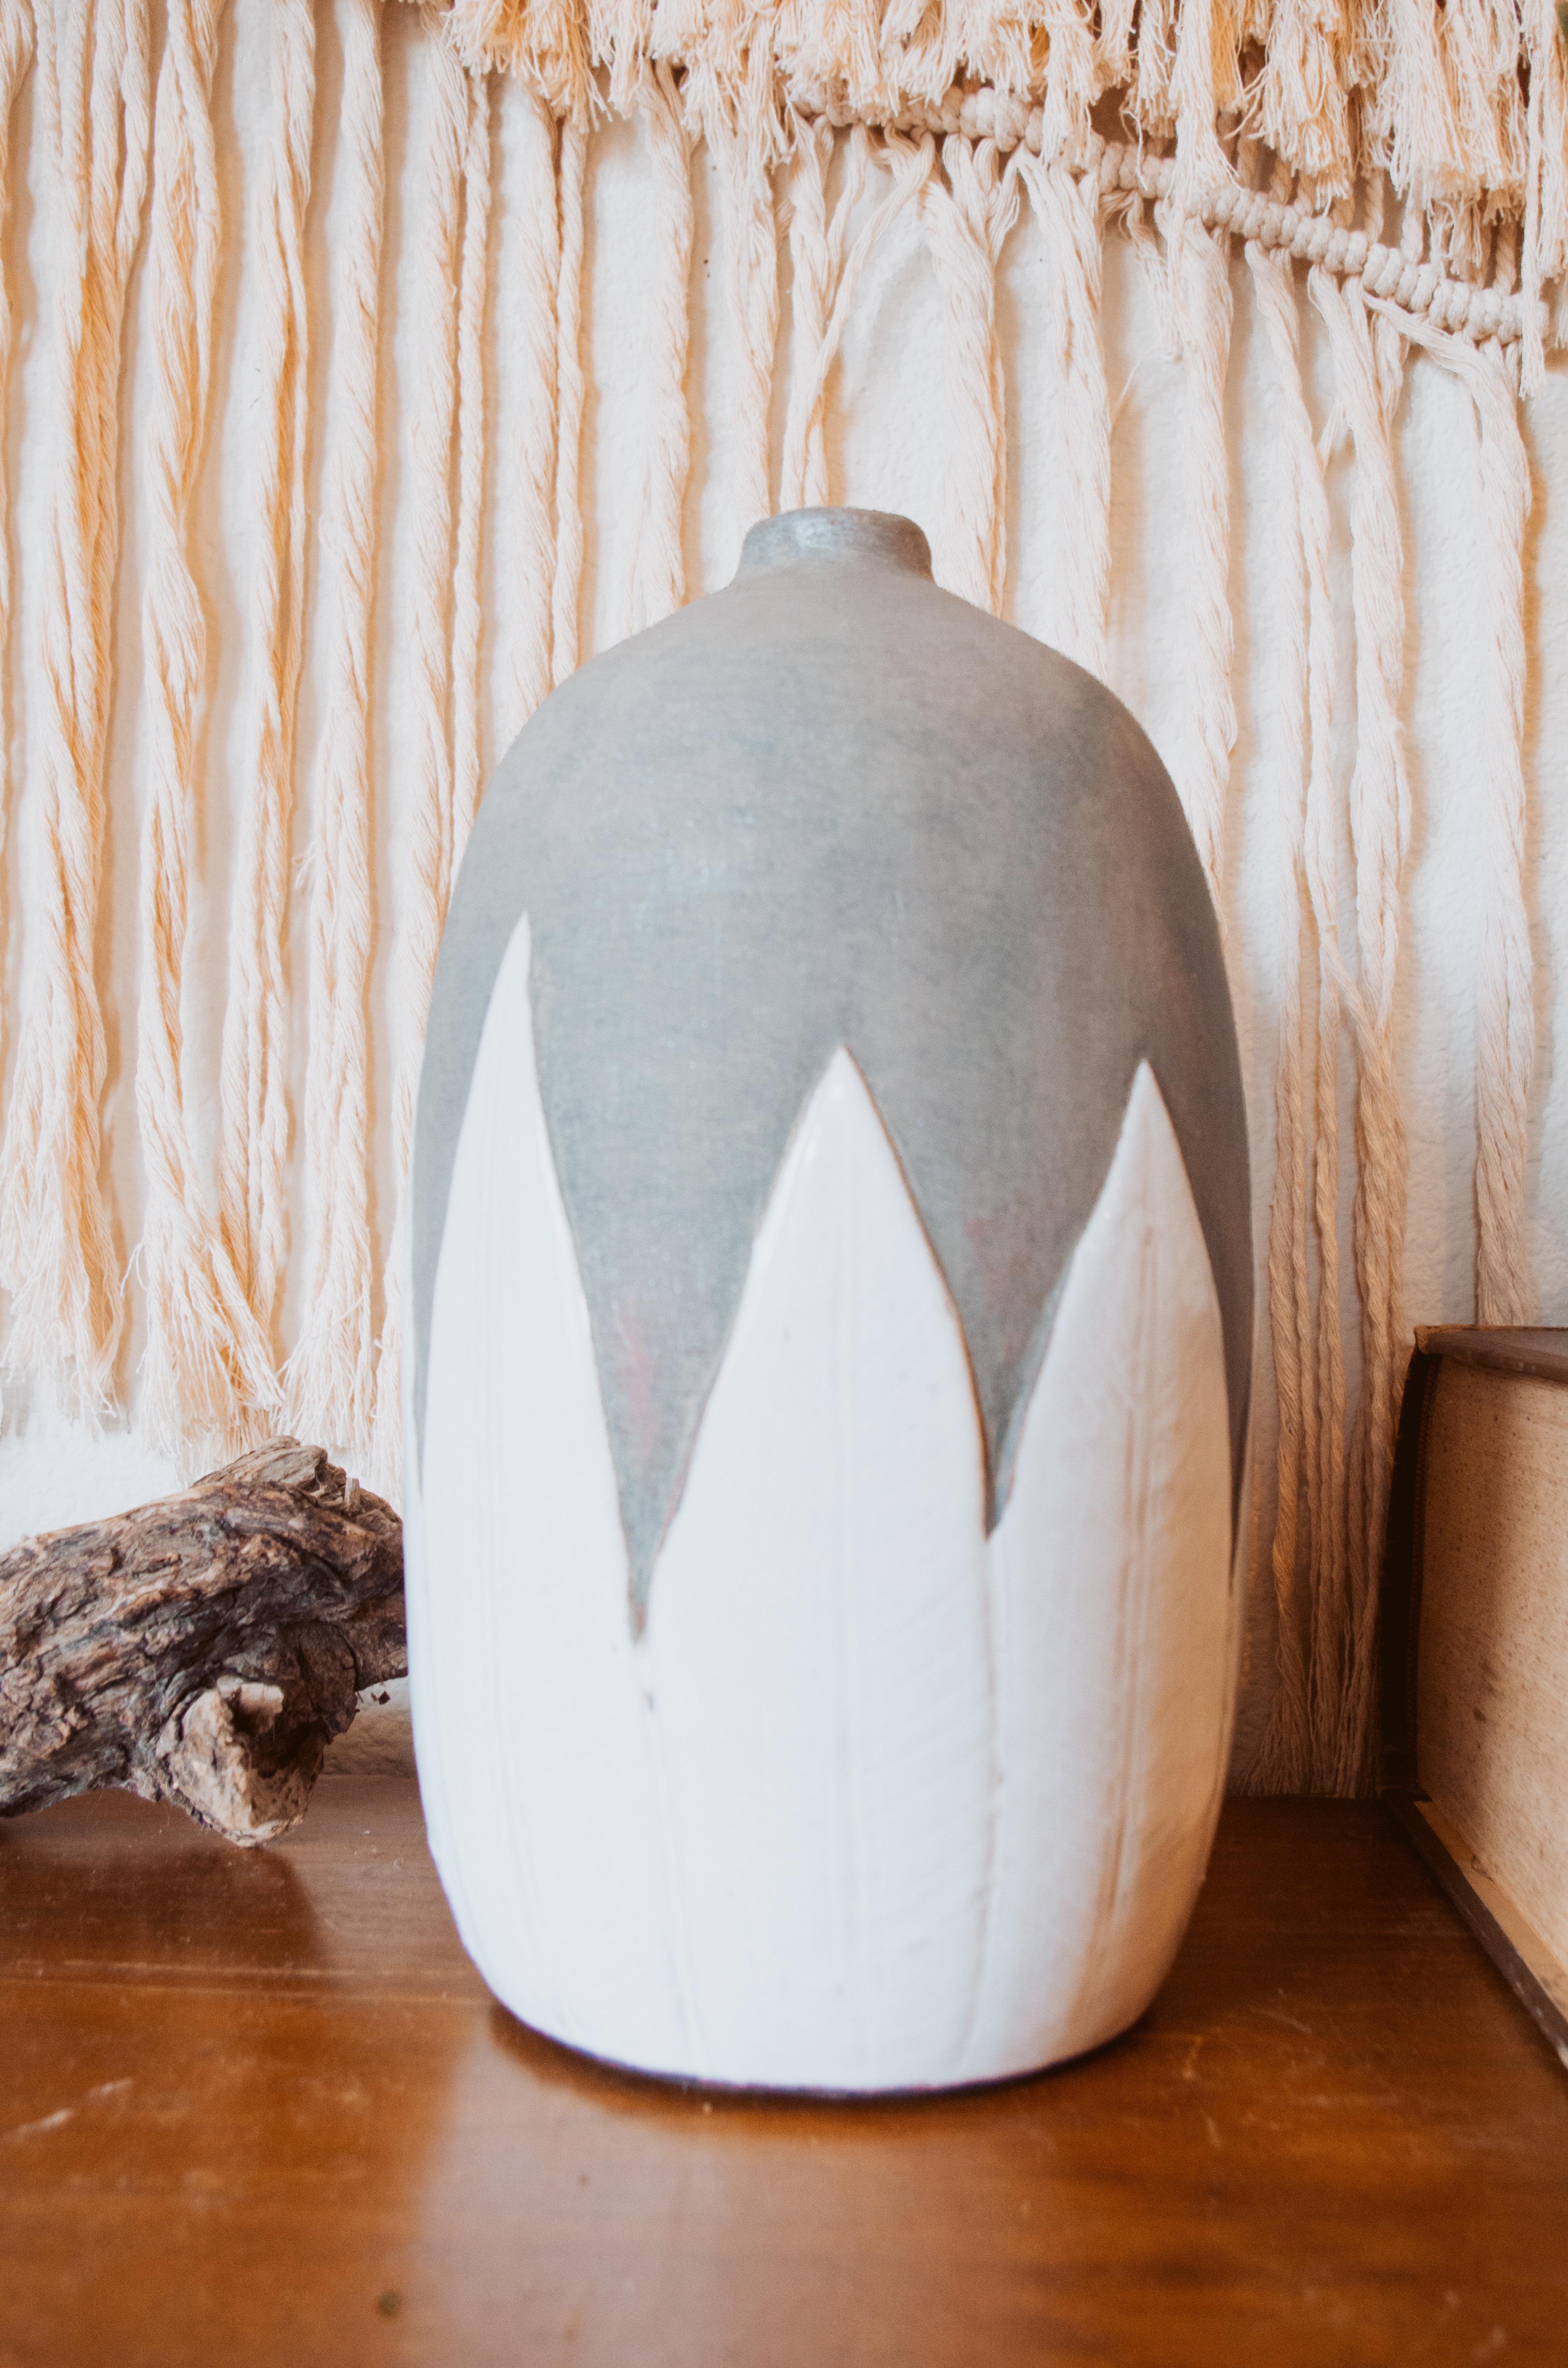 stoneware vase da7733 VKA5YBX7HNRRW